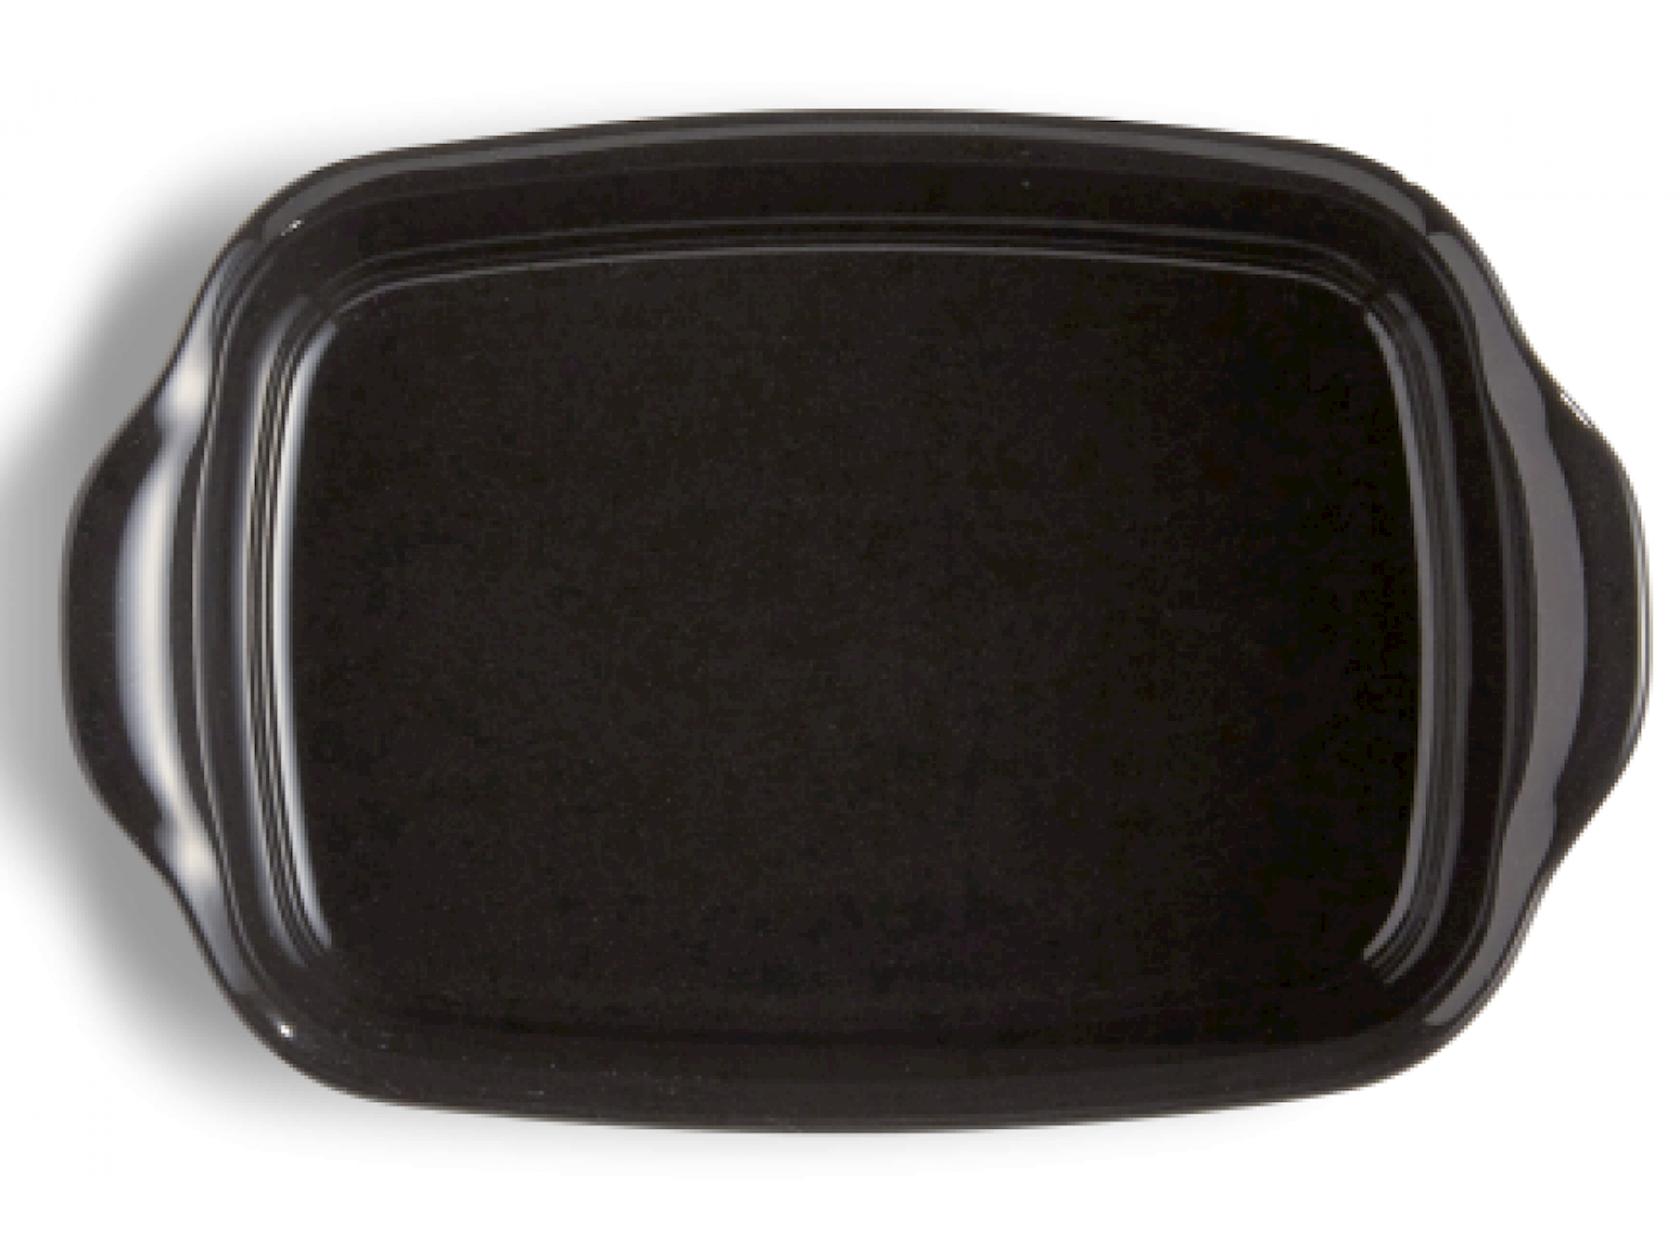 Bişirmə qabı Emile Henry, 36x23 sm, keramika, qara